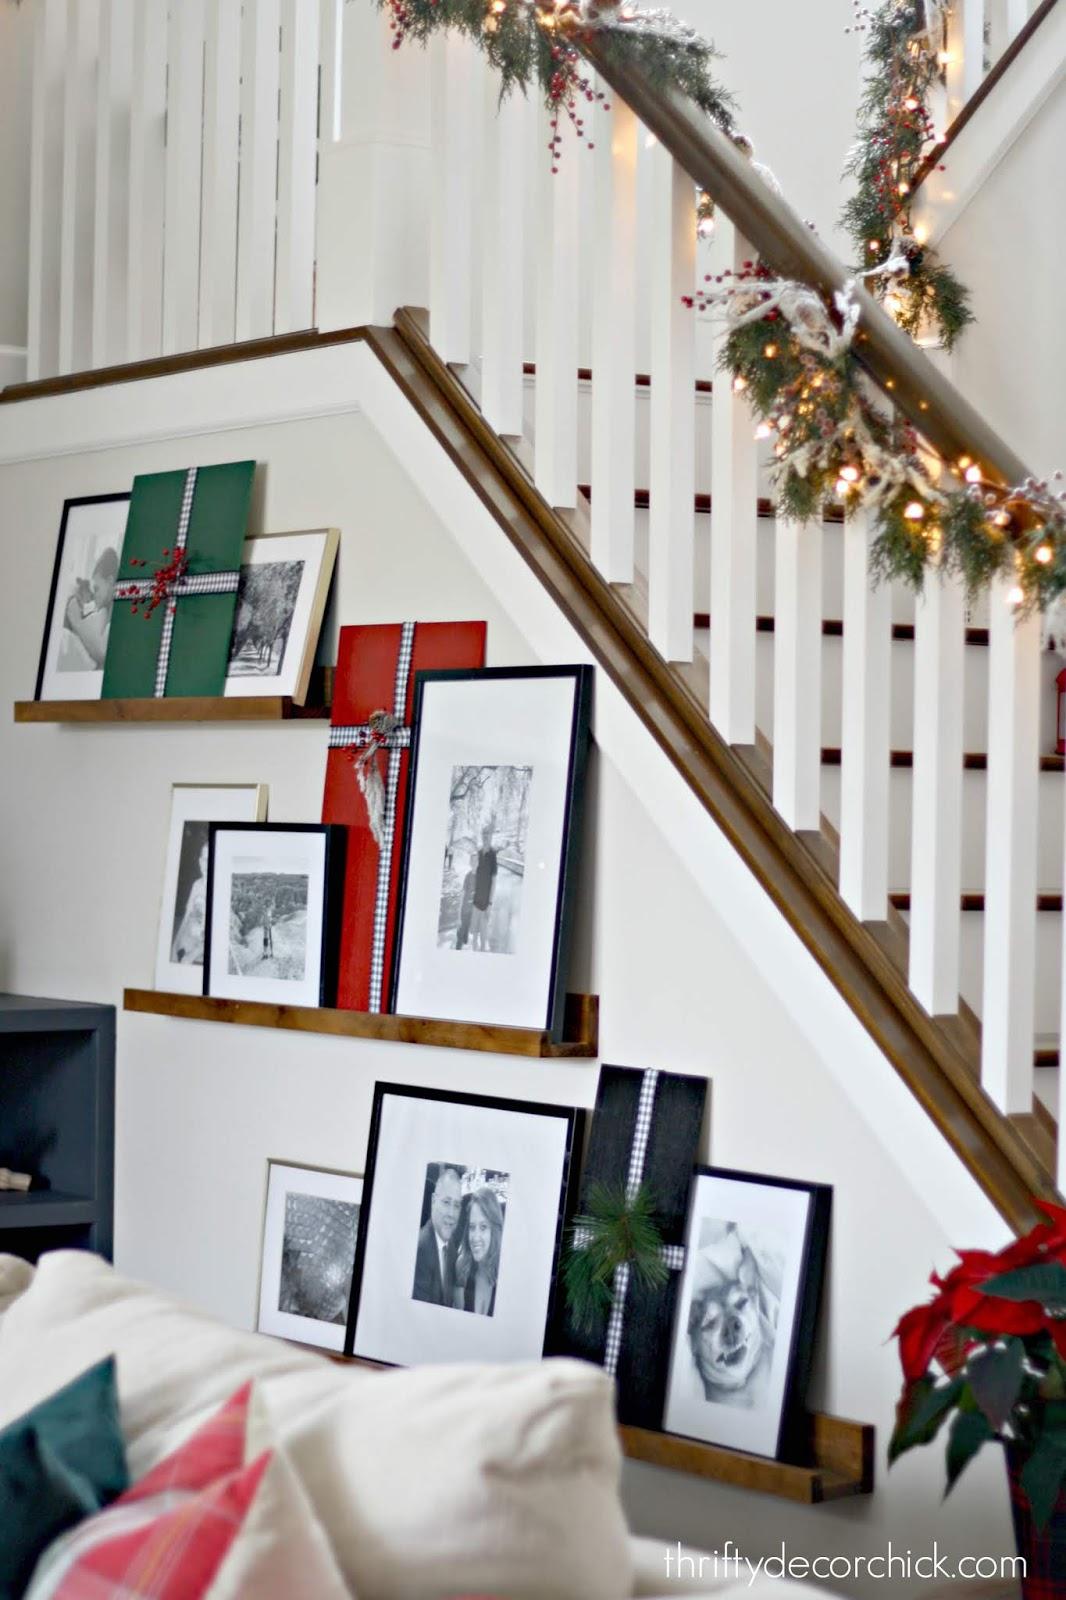 DIY Christmas present art craft